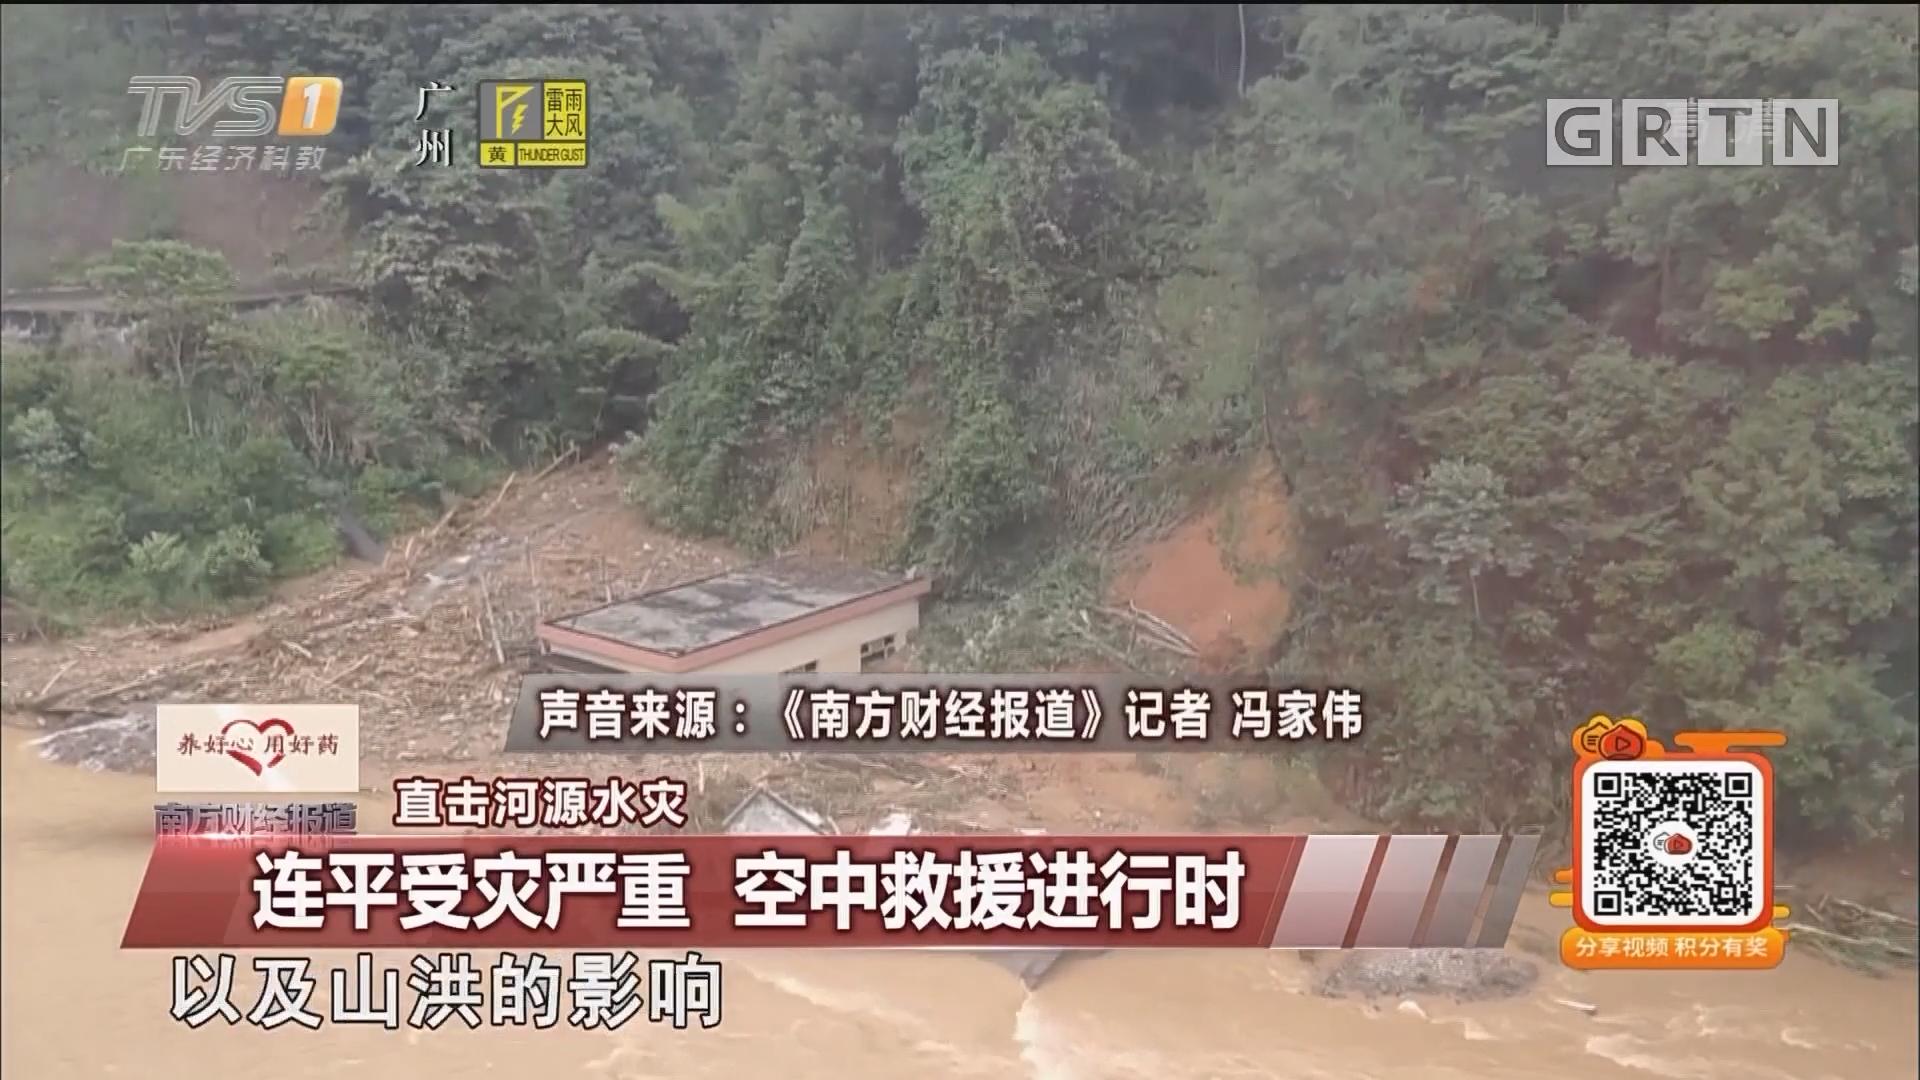 直击河源水灾:连平受灾严重 空中救援进行时